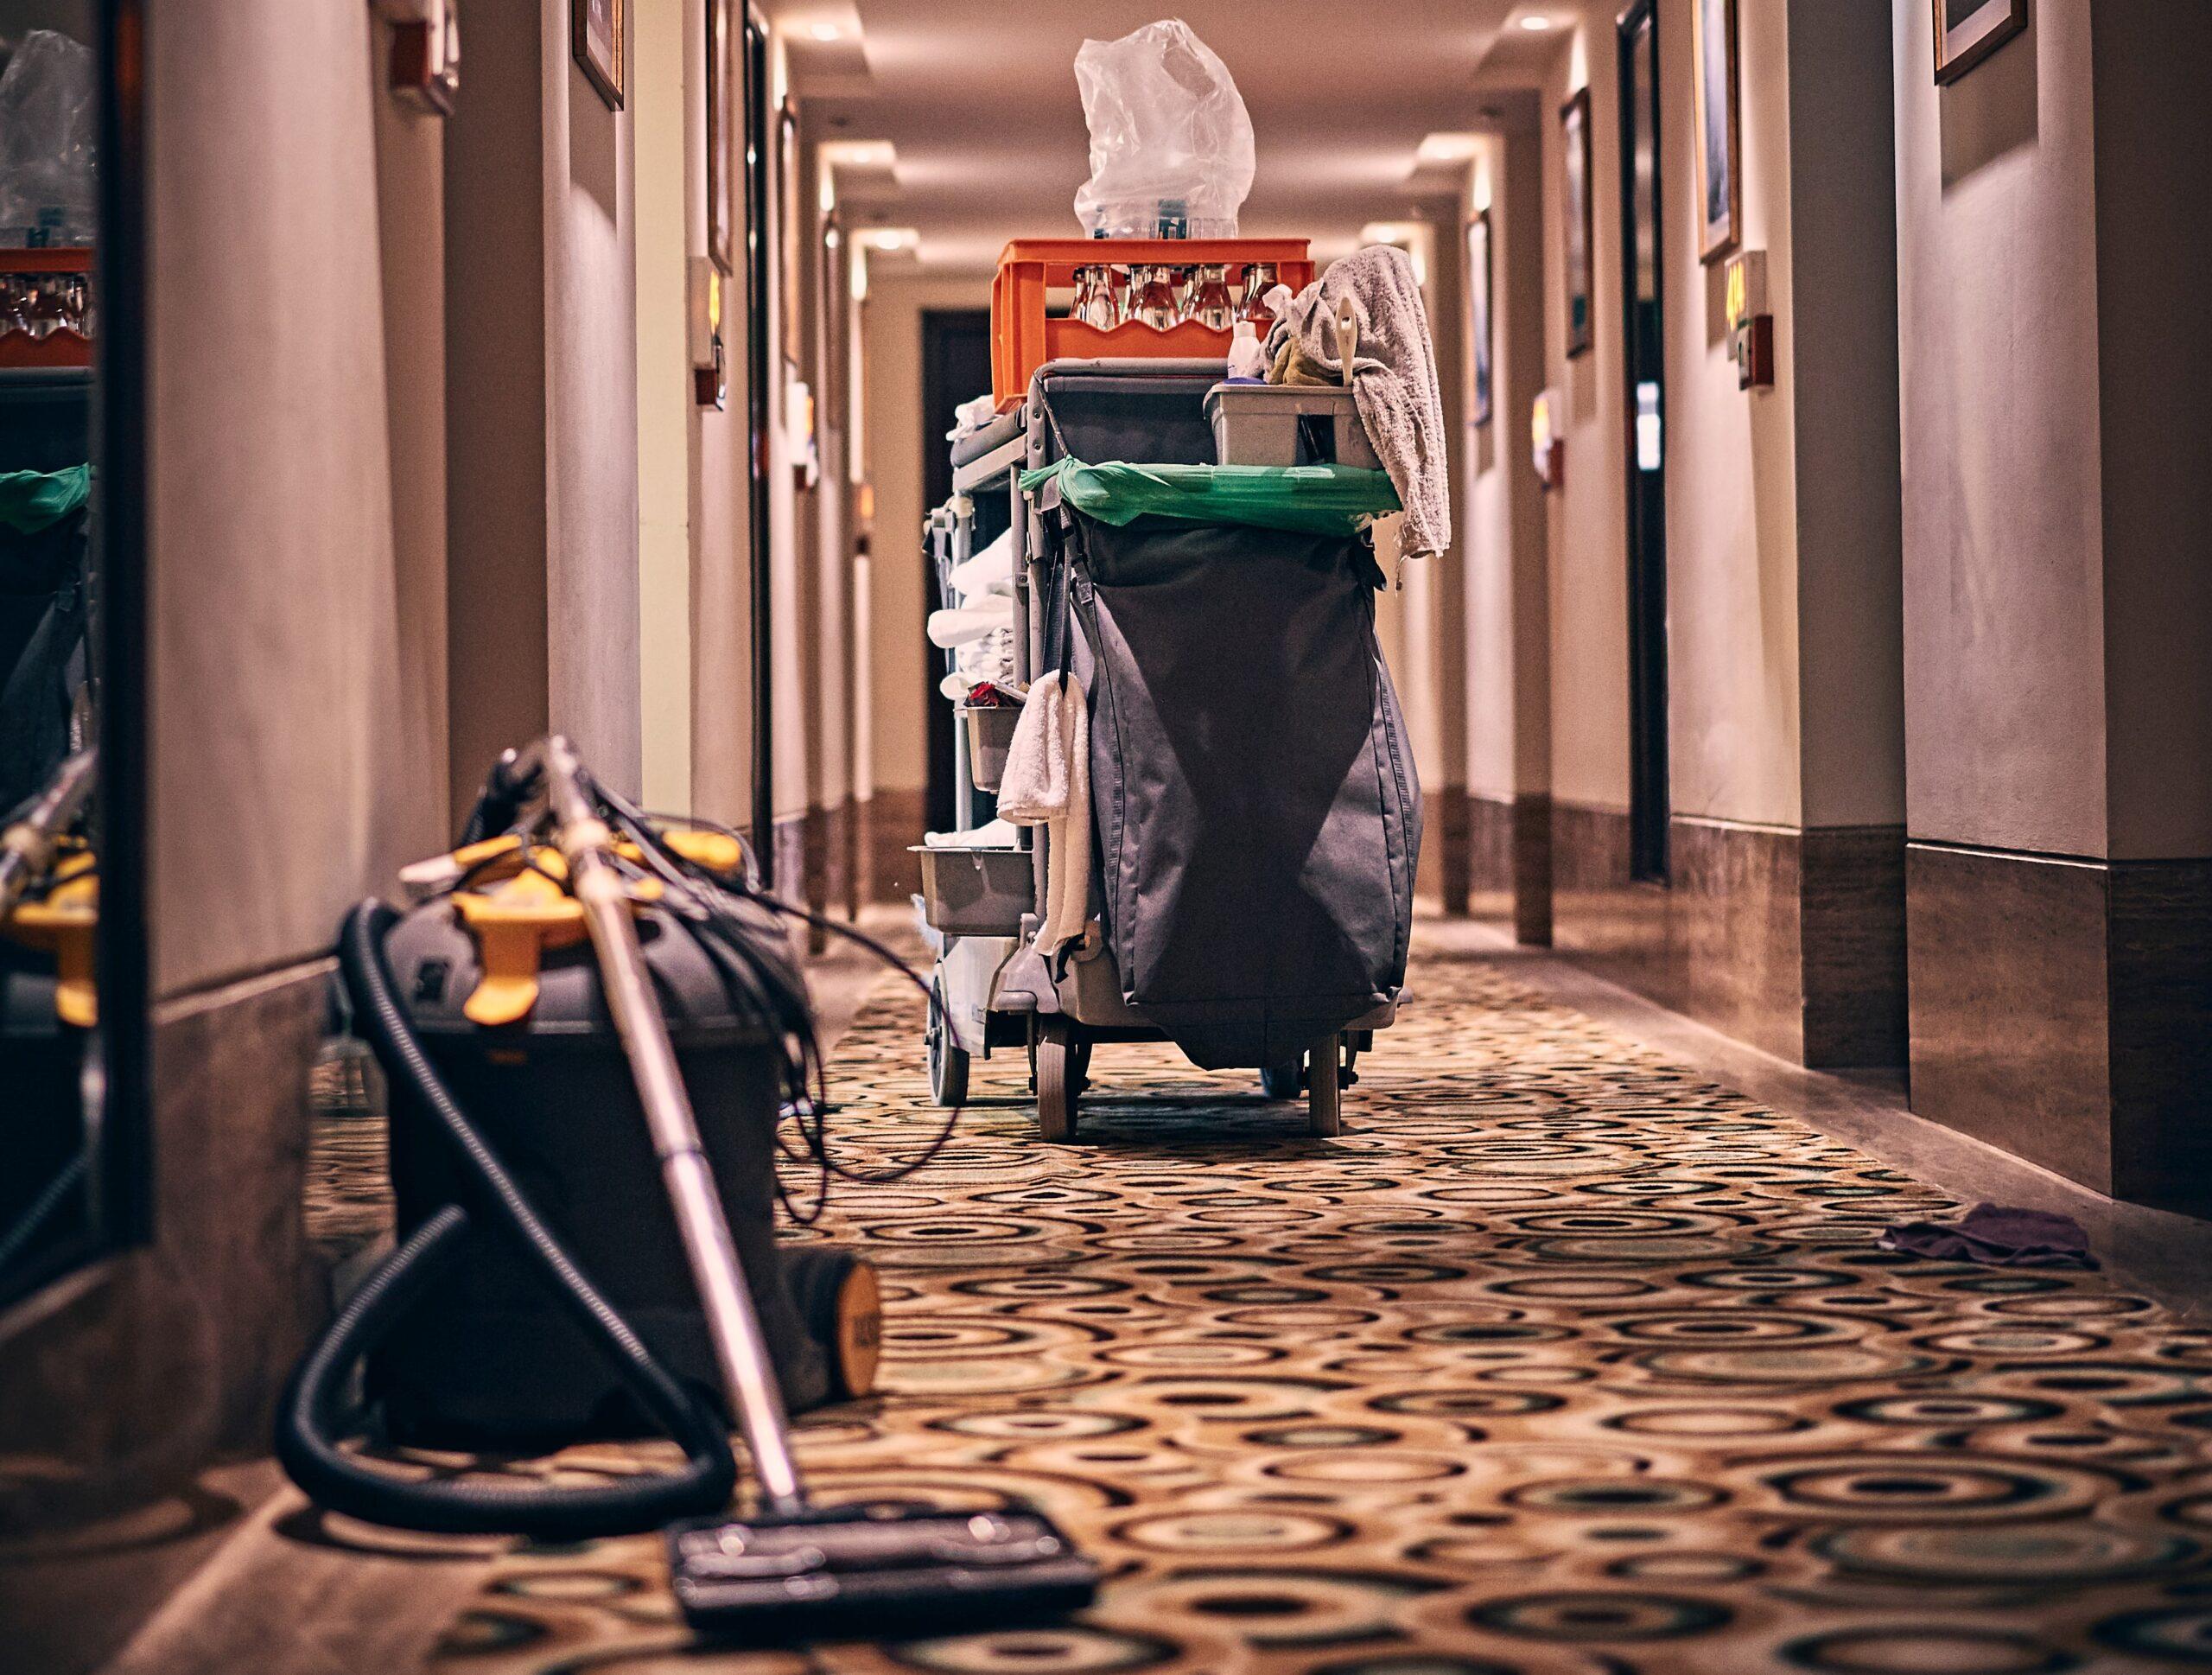 Limpieza en hoteles después del coronavirus